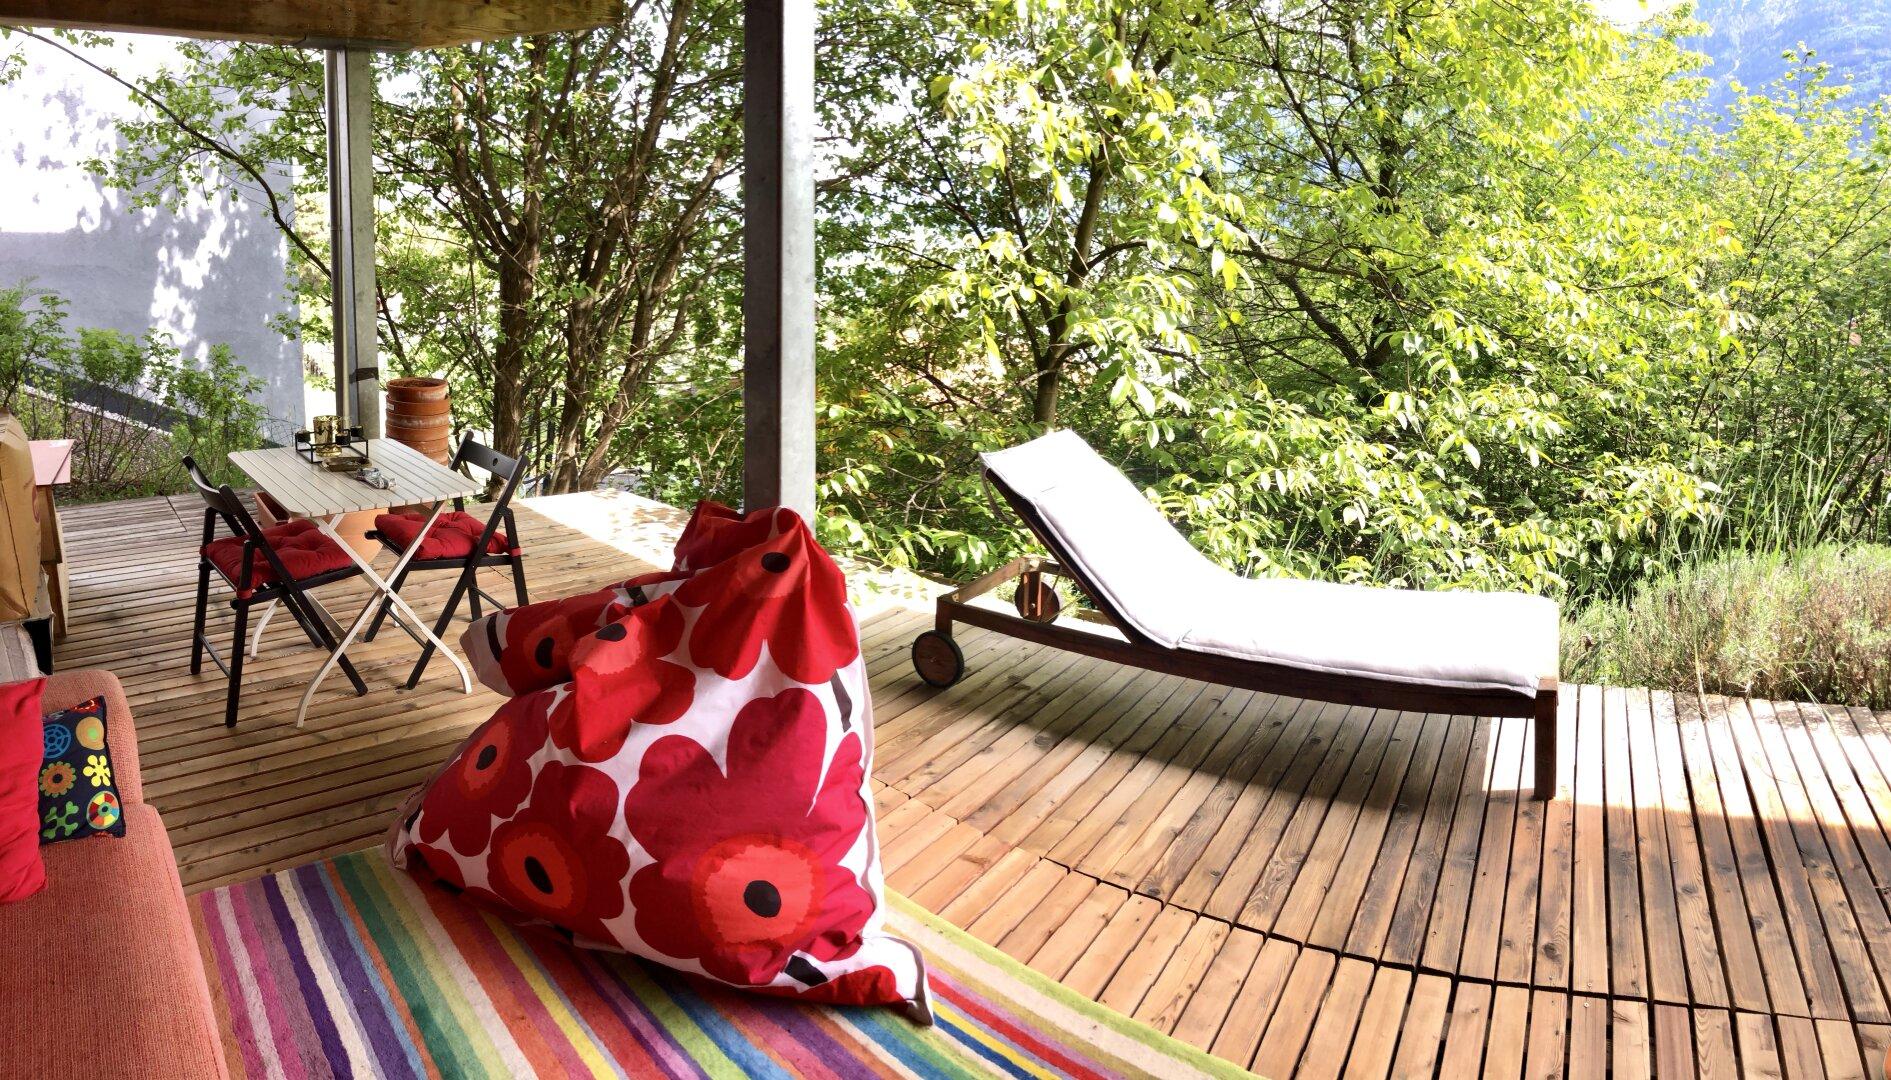 Terrasse zum Relaxen & Wohlfühlen